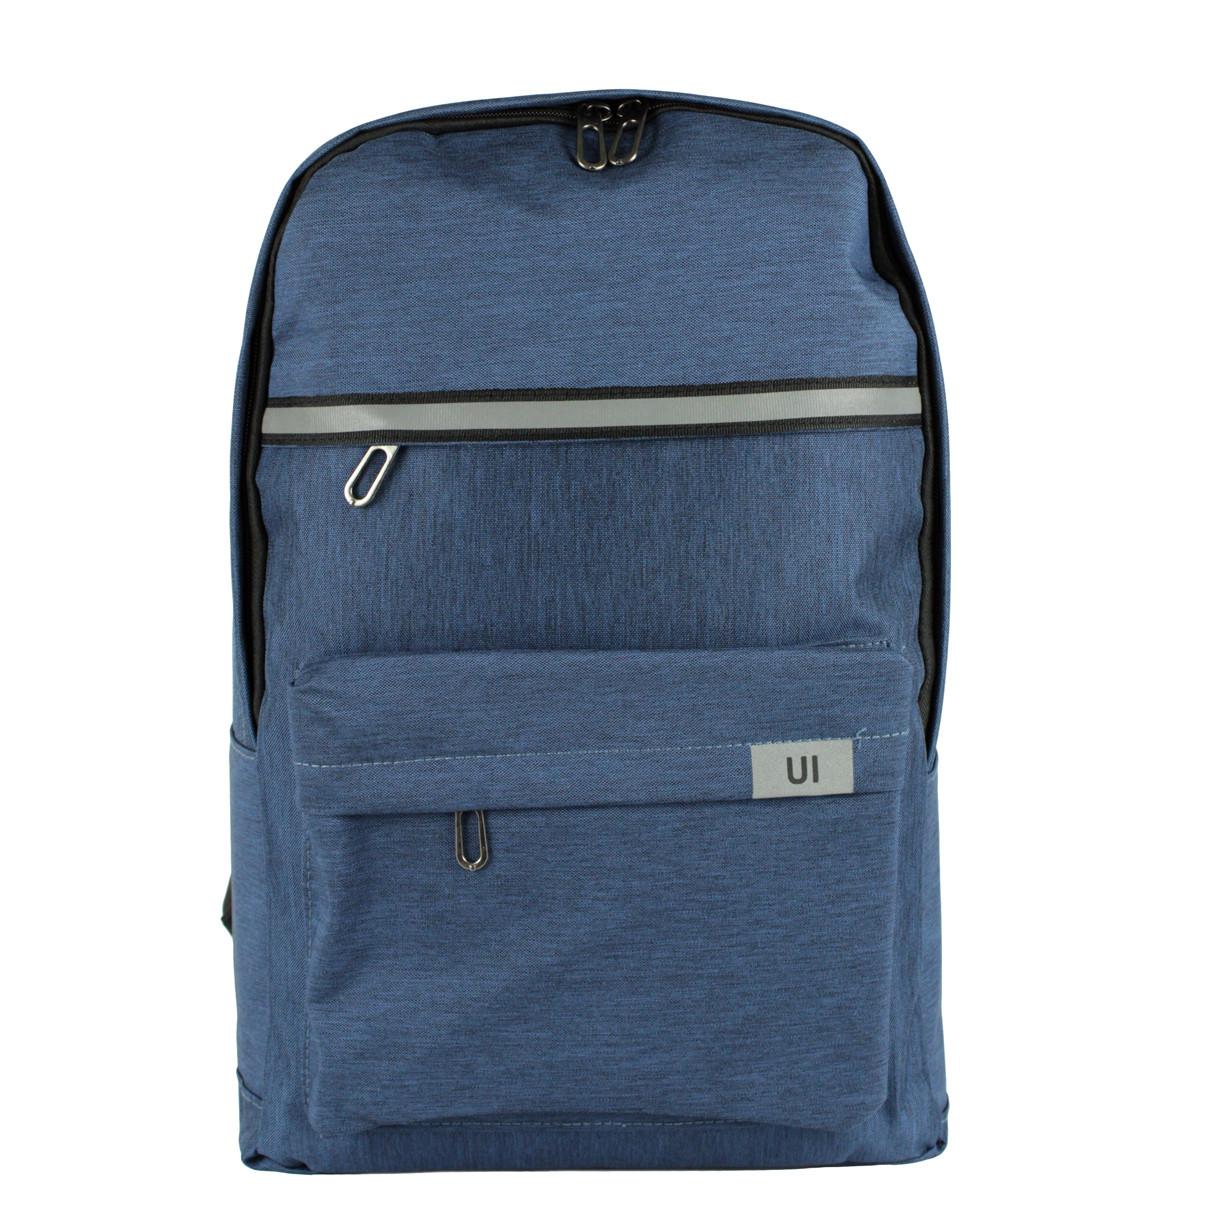 Рюкзак міський UI синій з світловідбивачем тканинний